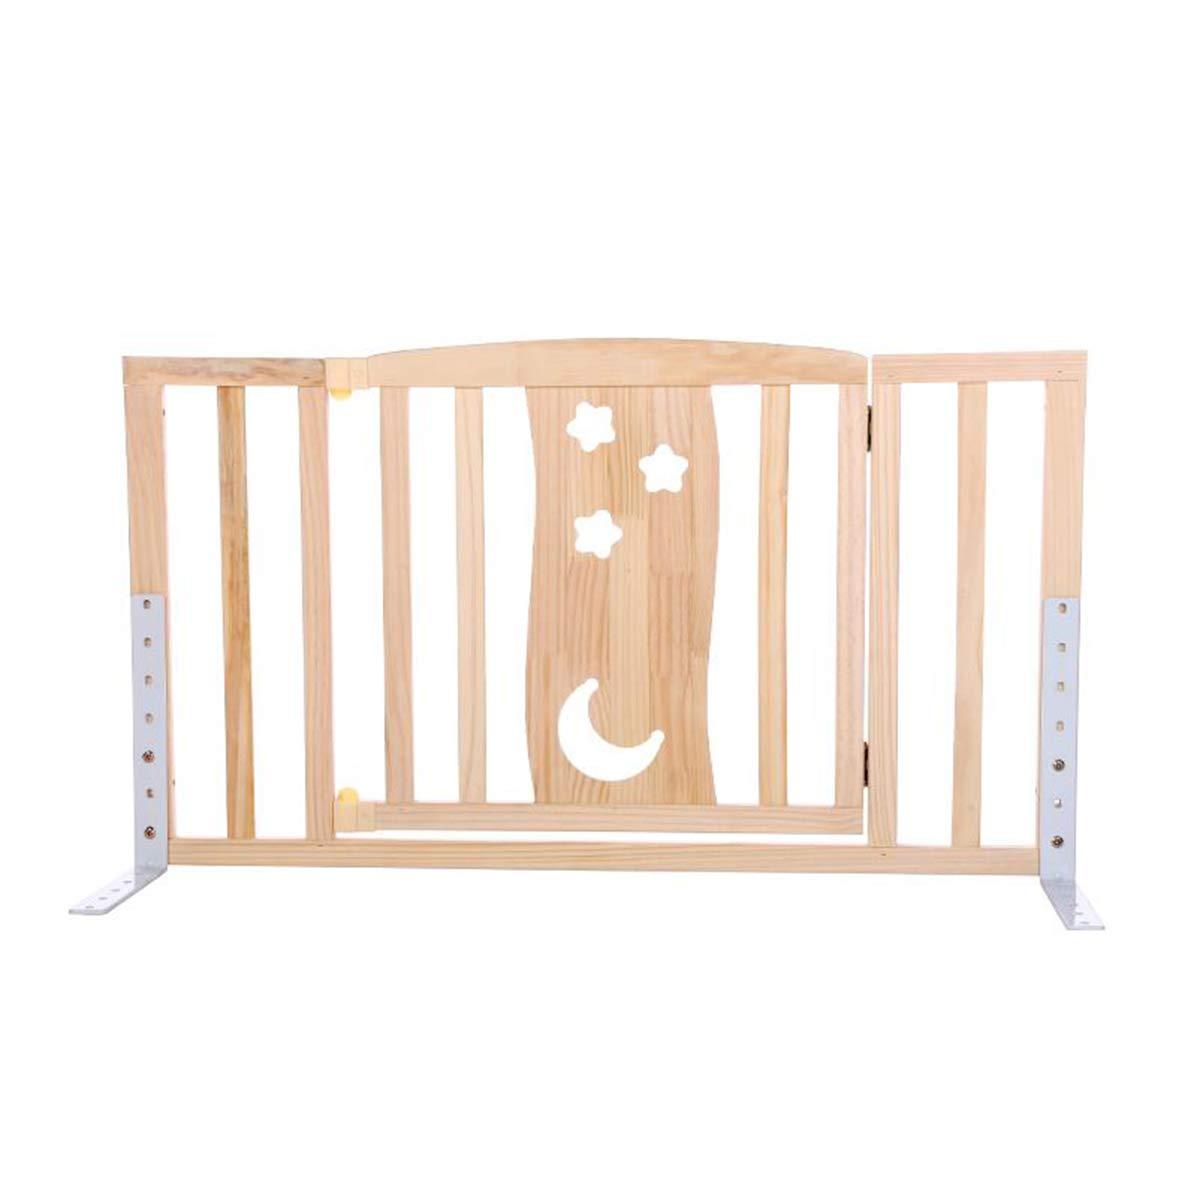 2019年秋冬新作 子供の木製ベッドレール、ベビーベッドの柵の赤ちゃんドロップ抵抗安全シールド 90、ドアバーとのベッドの上で簡単に6速調整可能なフェンス幼児のゲーム、 door B07KBB5CQJ 90 With door bar B07KBB5CQJ, DELUXDA RAISON:9bdb137d --- a0267596.xsph.ru